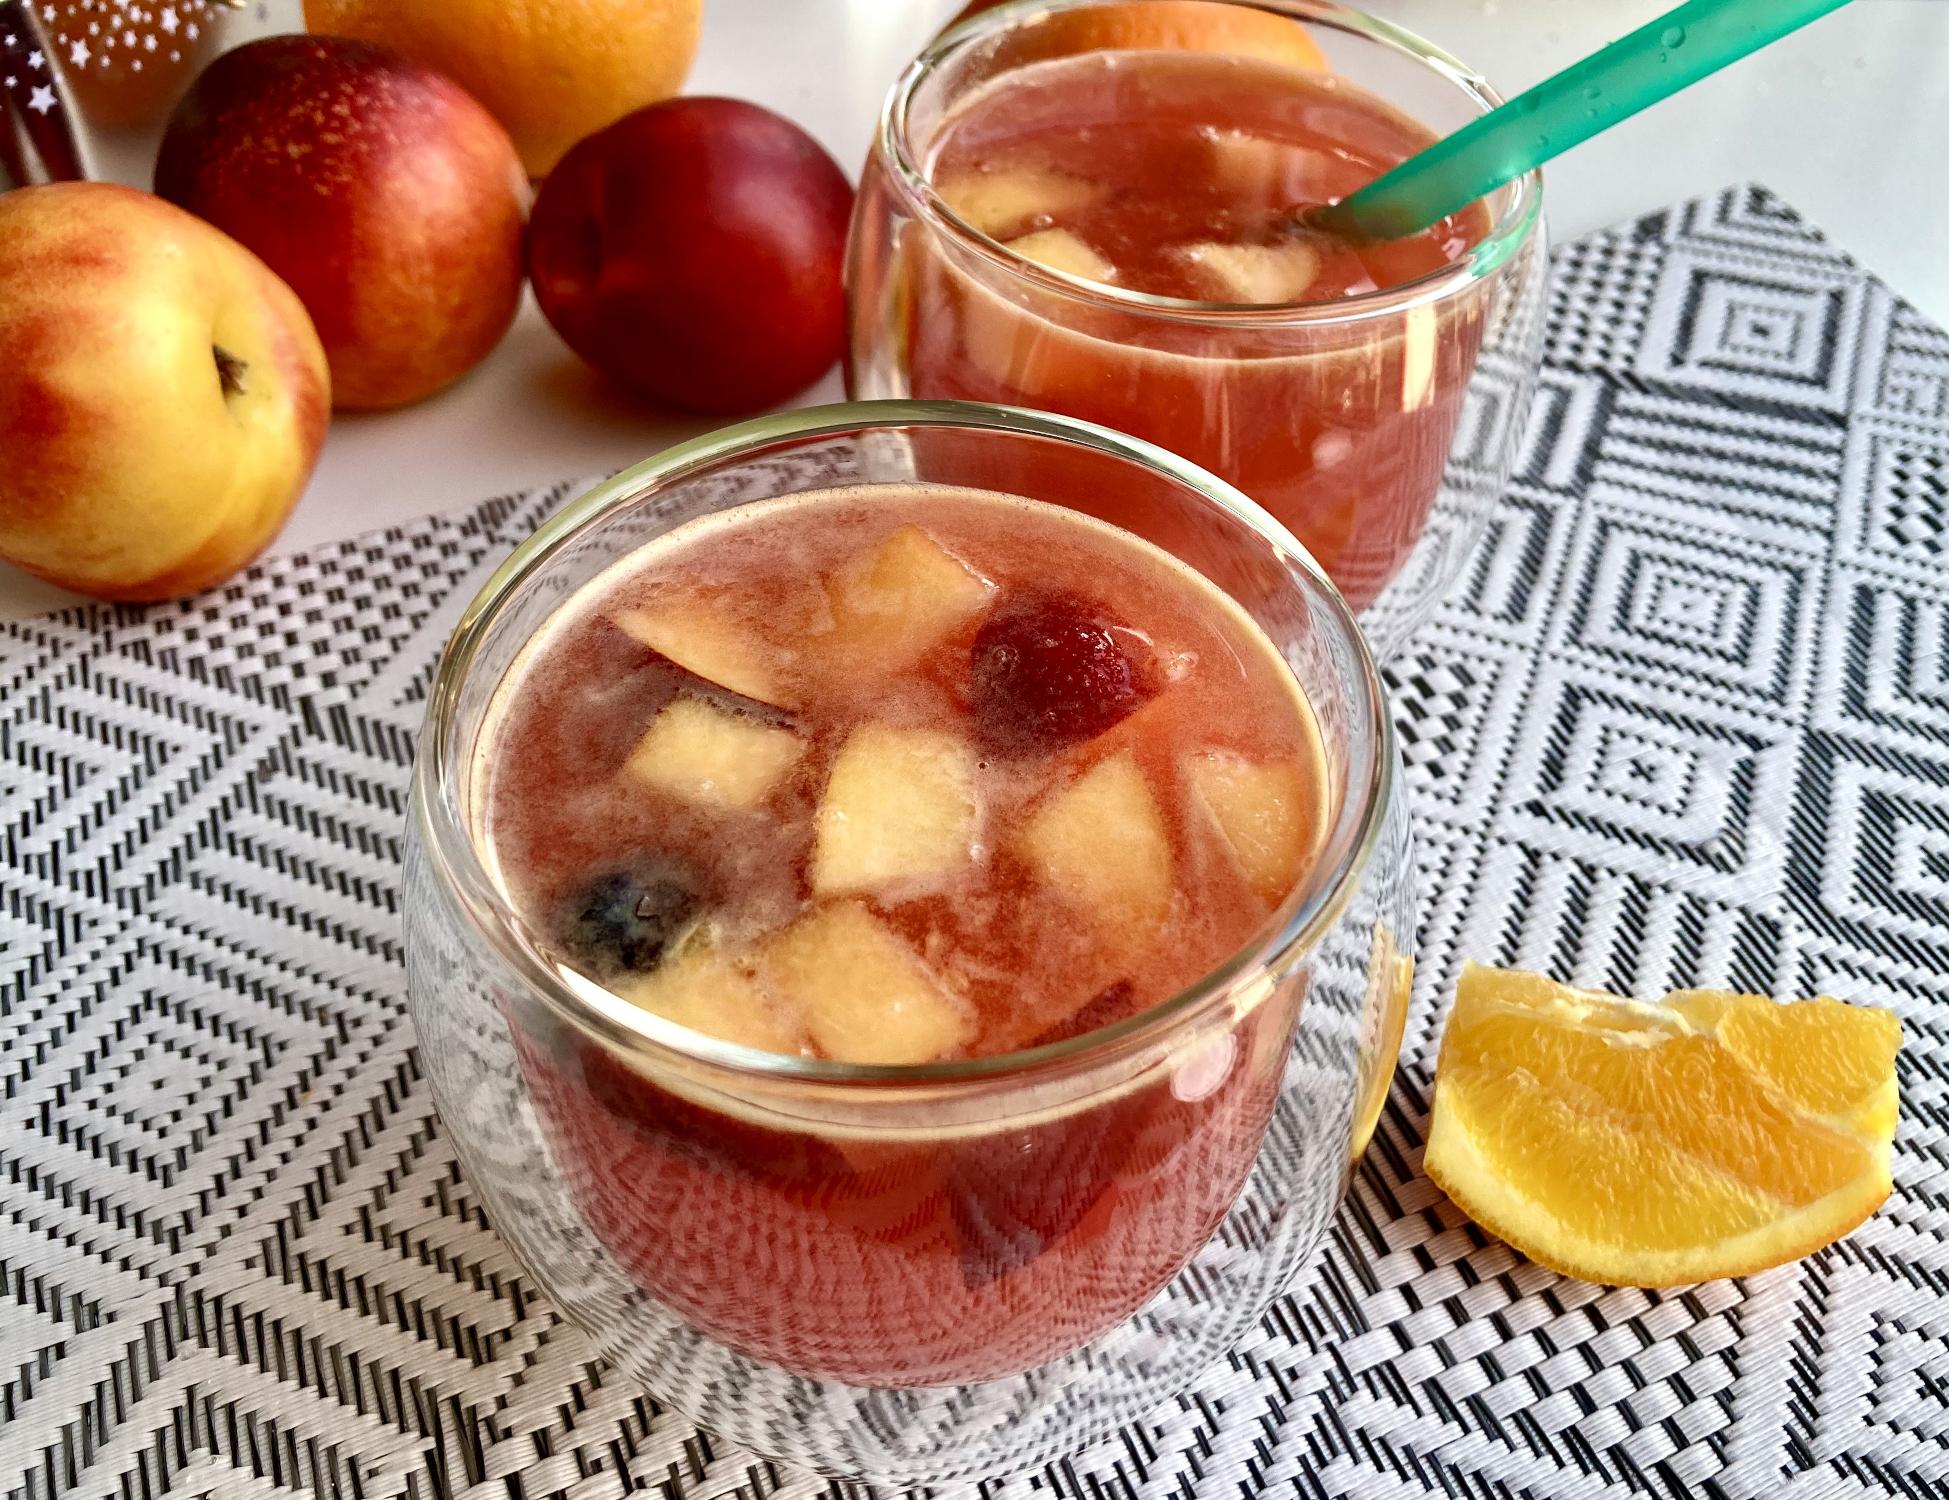 Silvesterbowle mit frischen Früchten